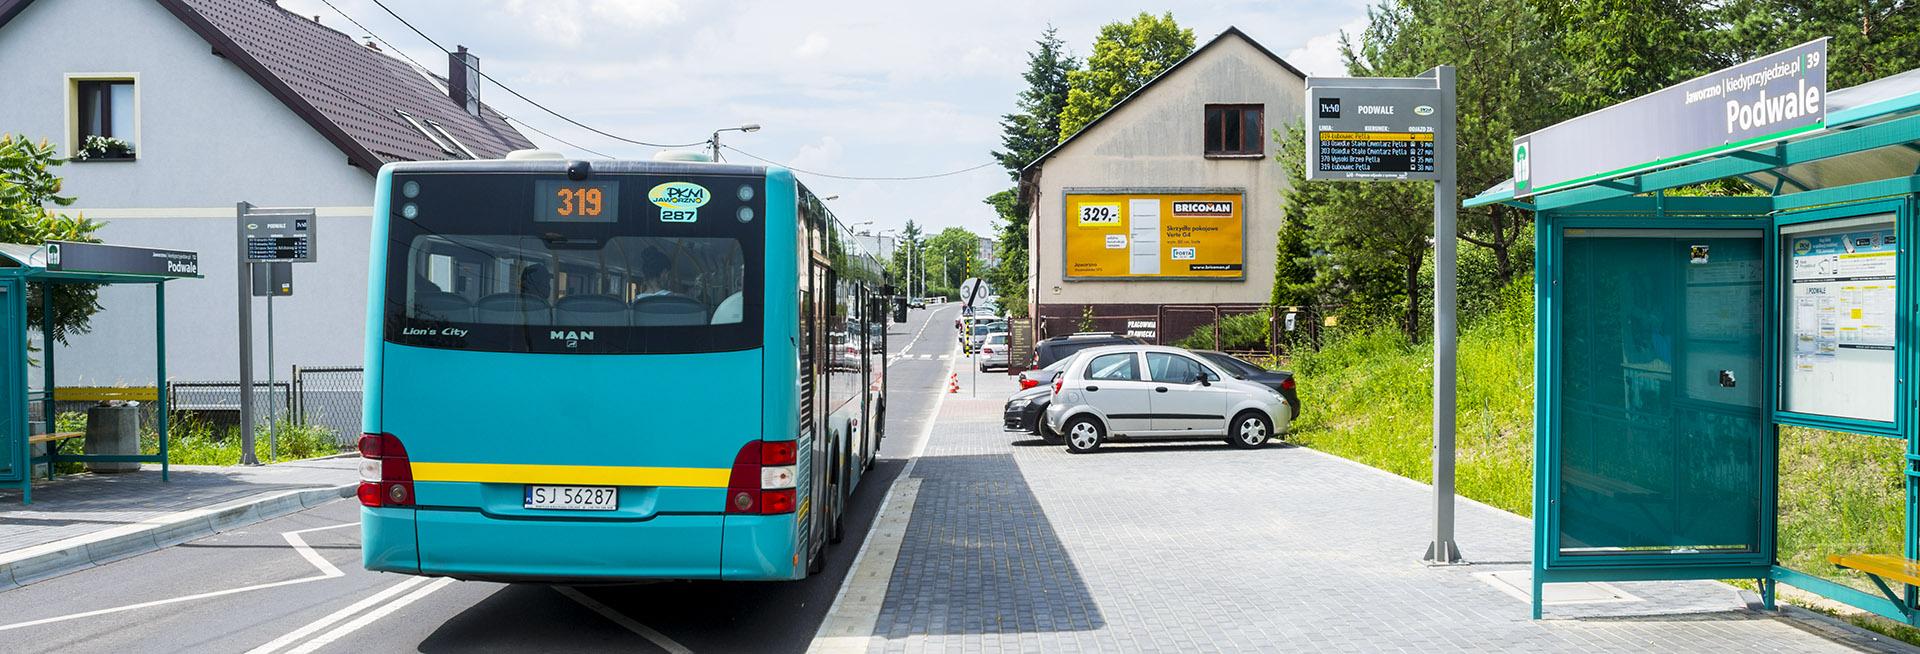 tablice przystankowe elektroniczna informacja pasażerska